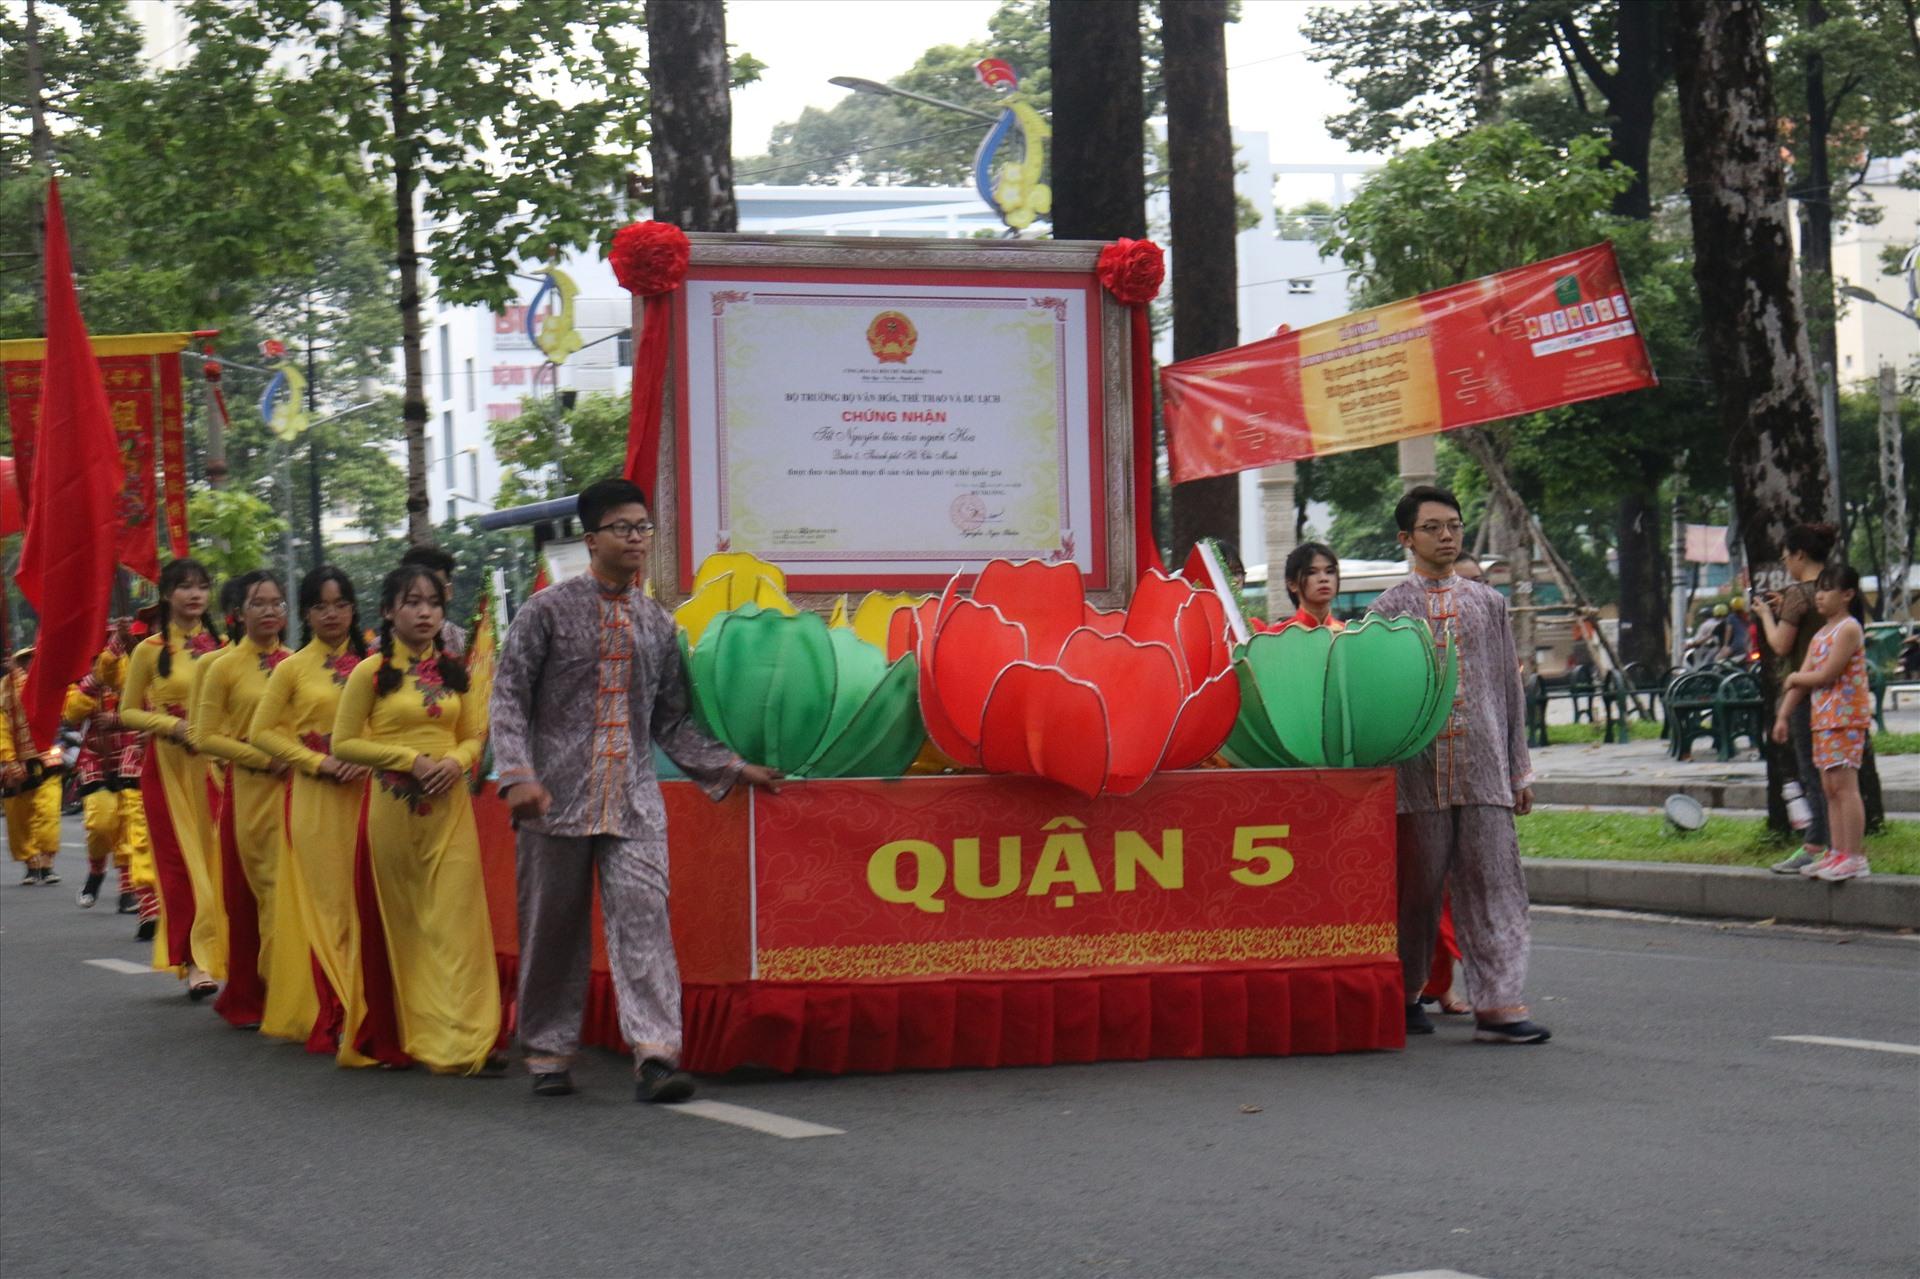 Đoàn diễu hành đi qua các tuyến đường như Hải Thượng Lãn Ông, Châu Văn Liêm, Nguyễn Trãi, Trần Hưng Đạo…